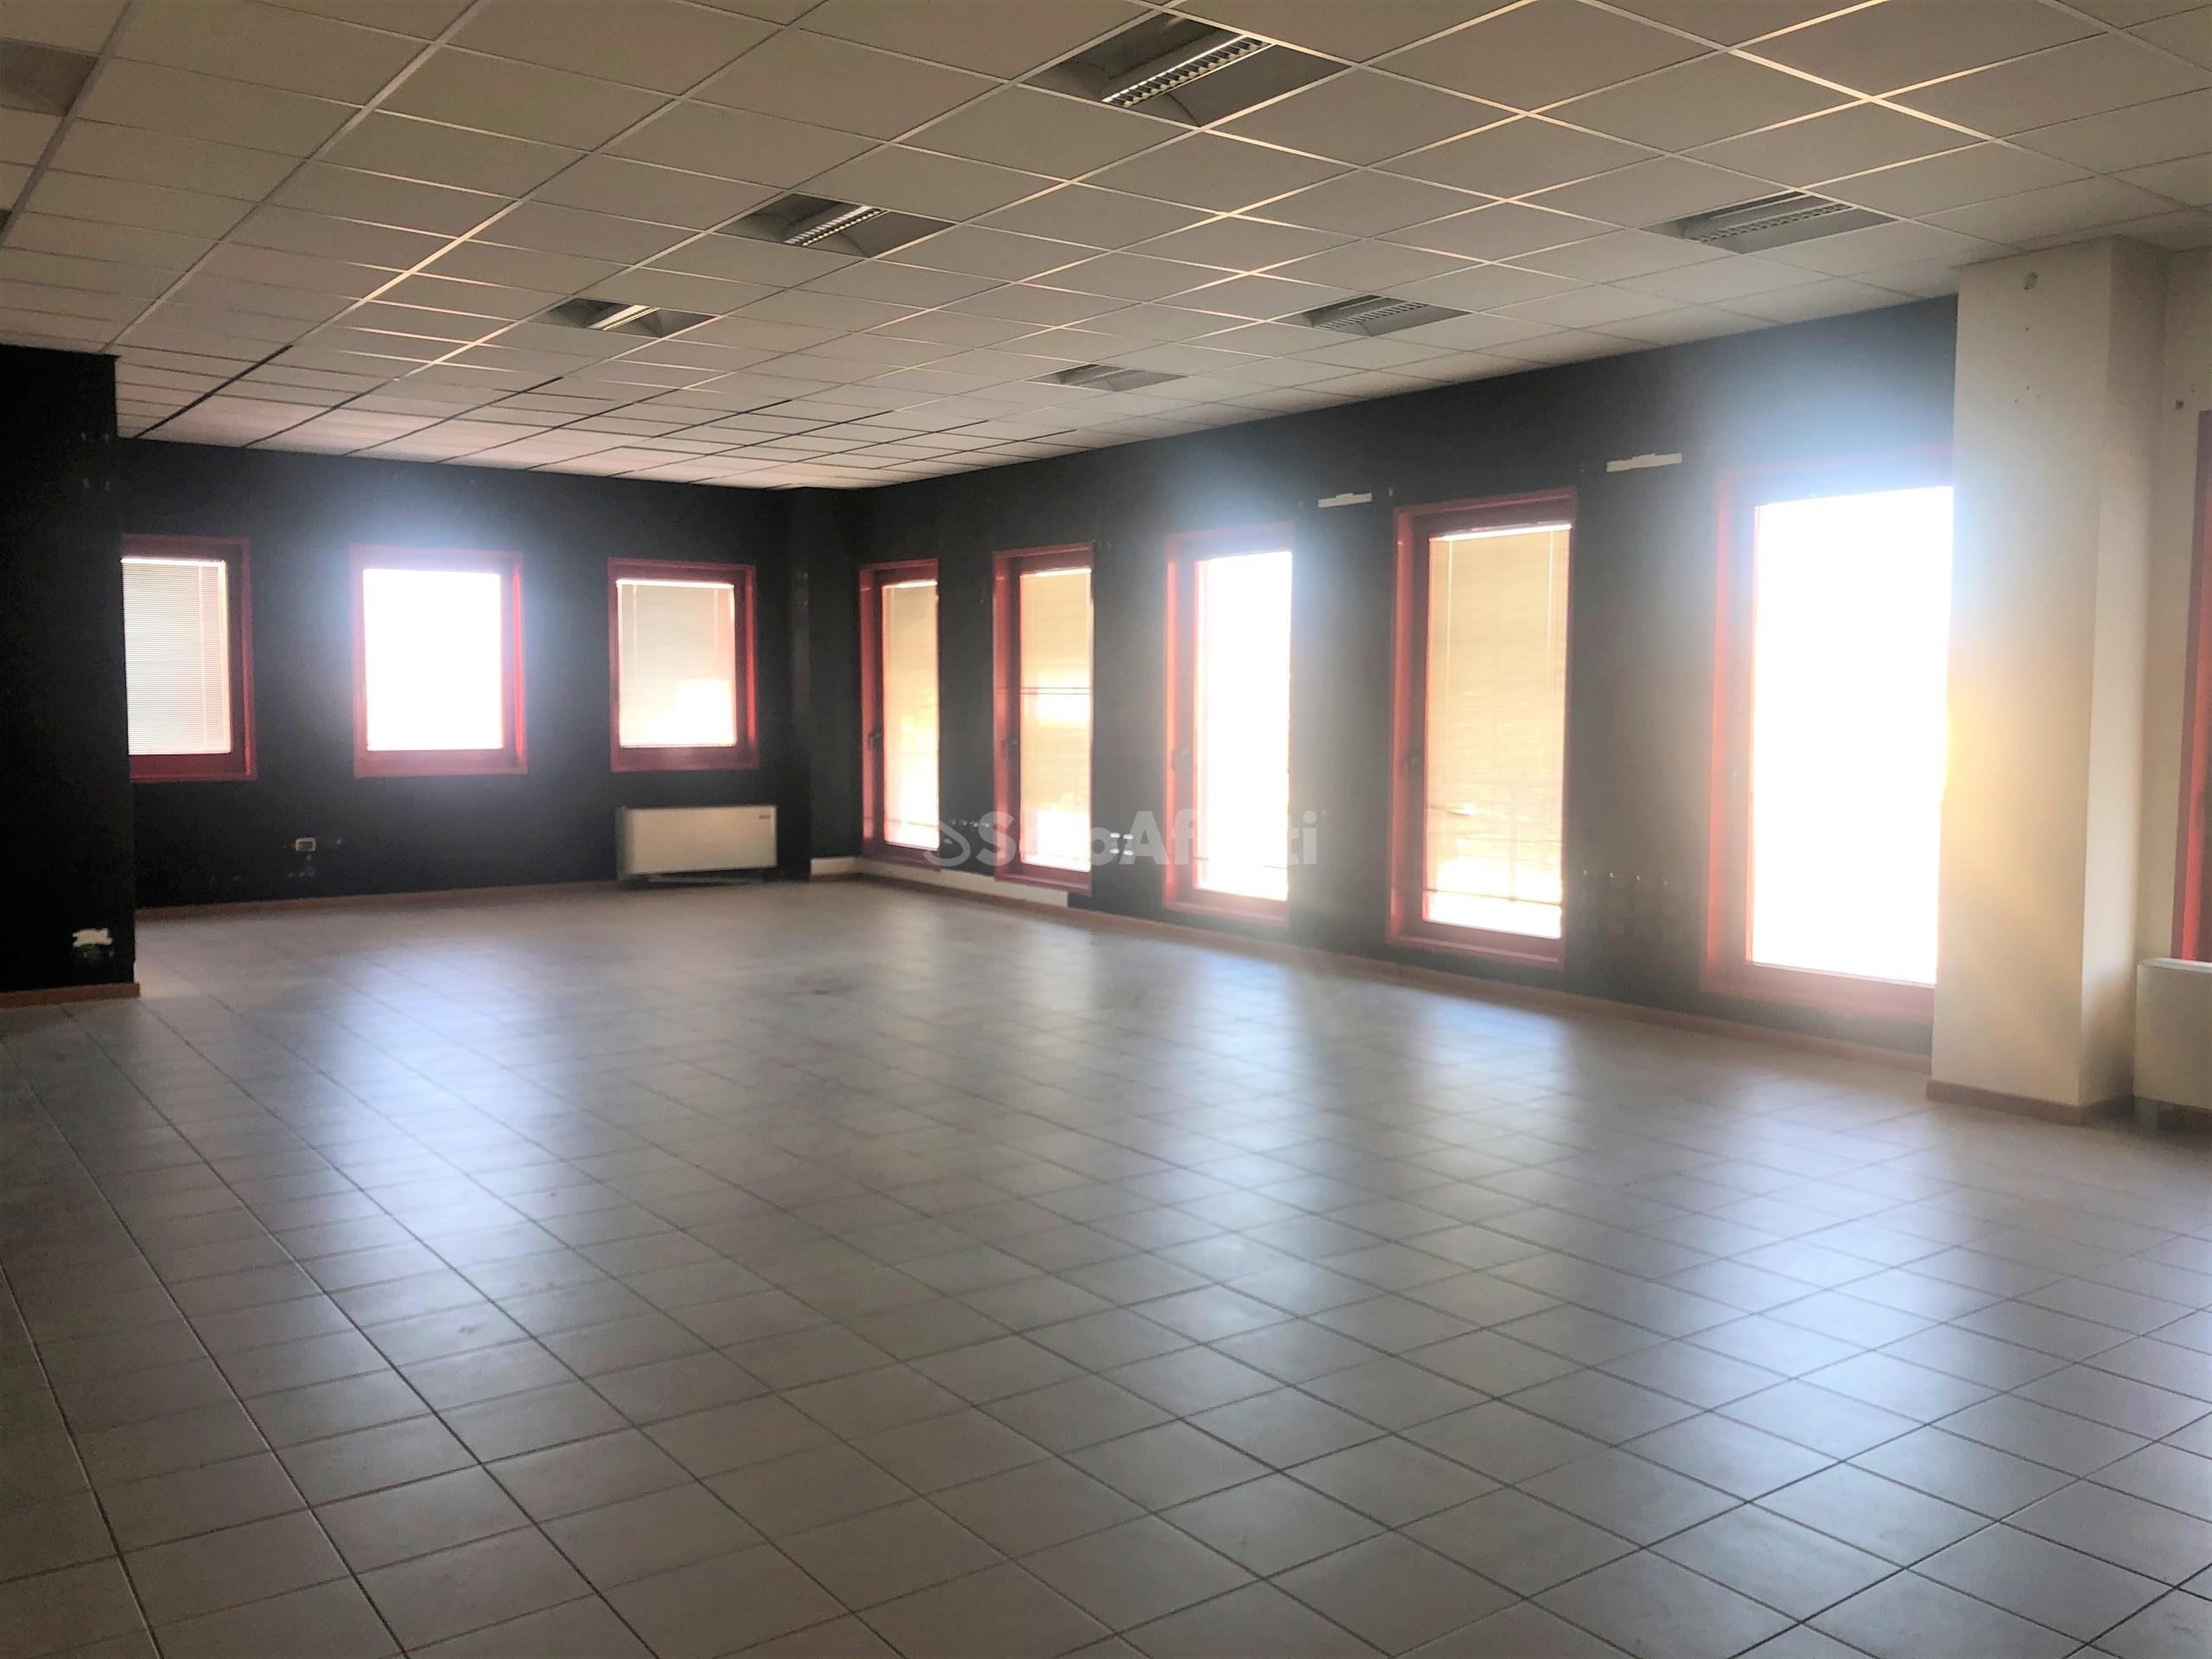 Ufficio Open space 6 vani